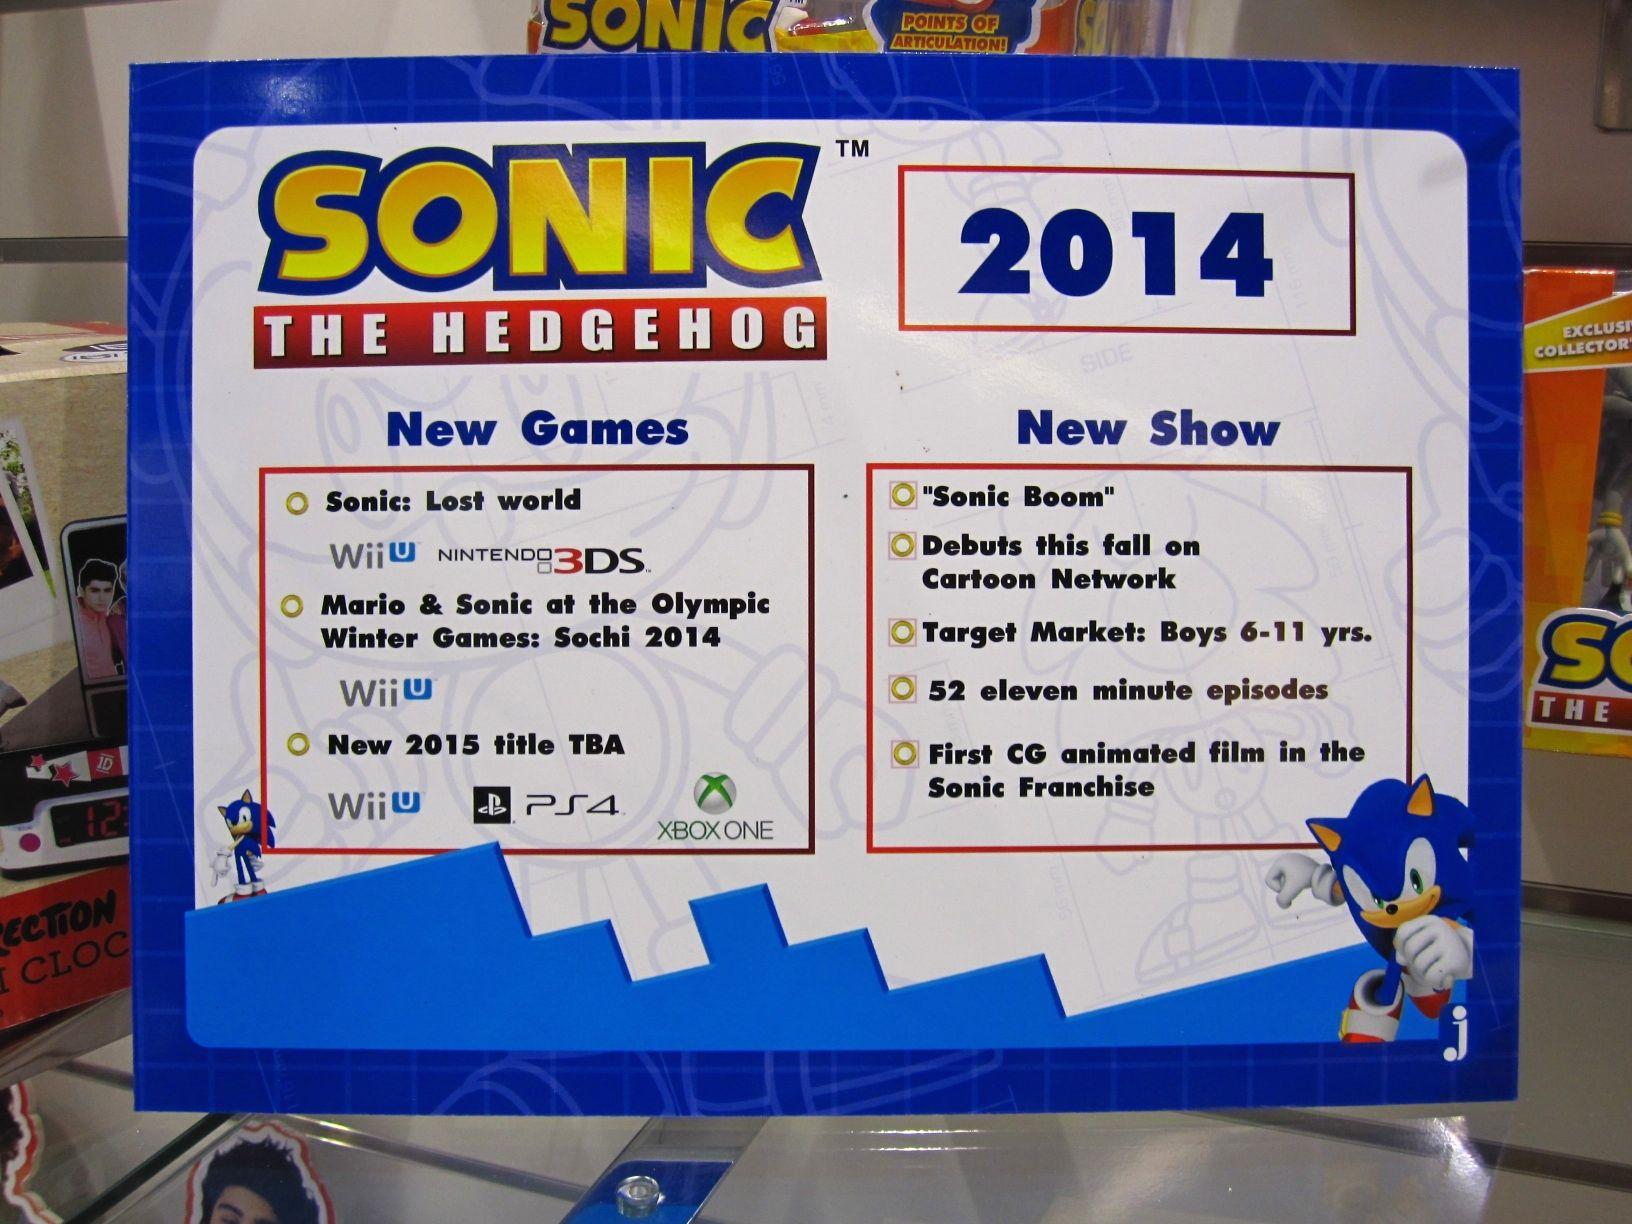 Sonic podría estrenar nuevo videojuego en 2015